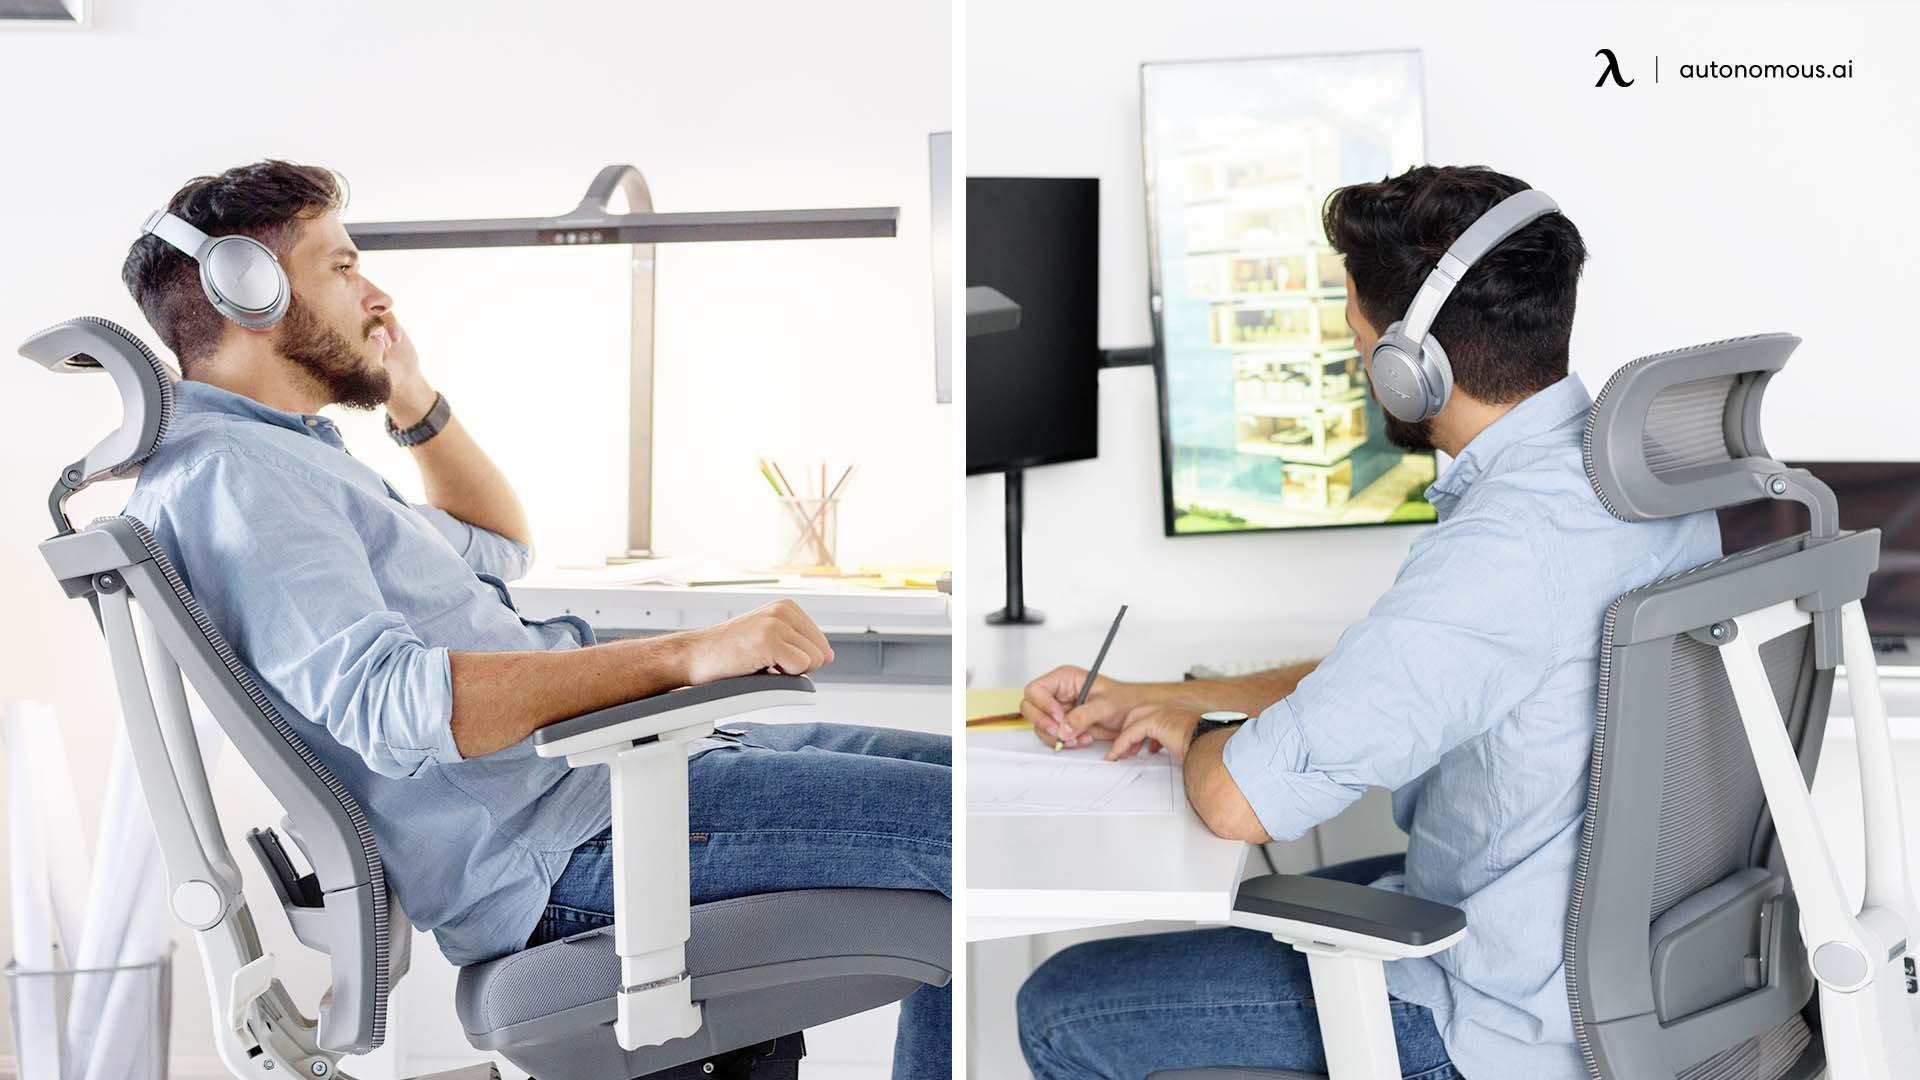 Bring an Ergonomic Chair